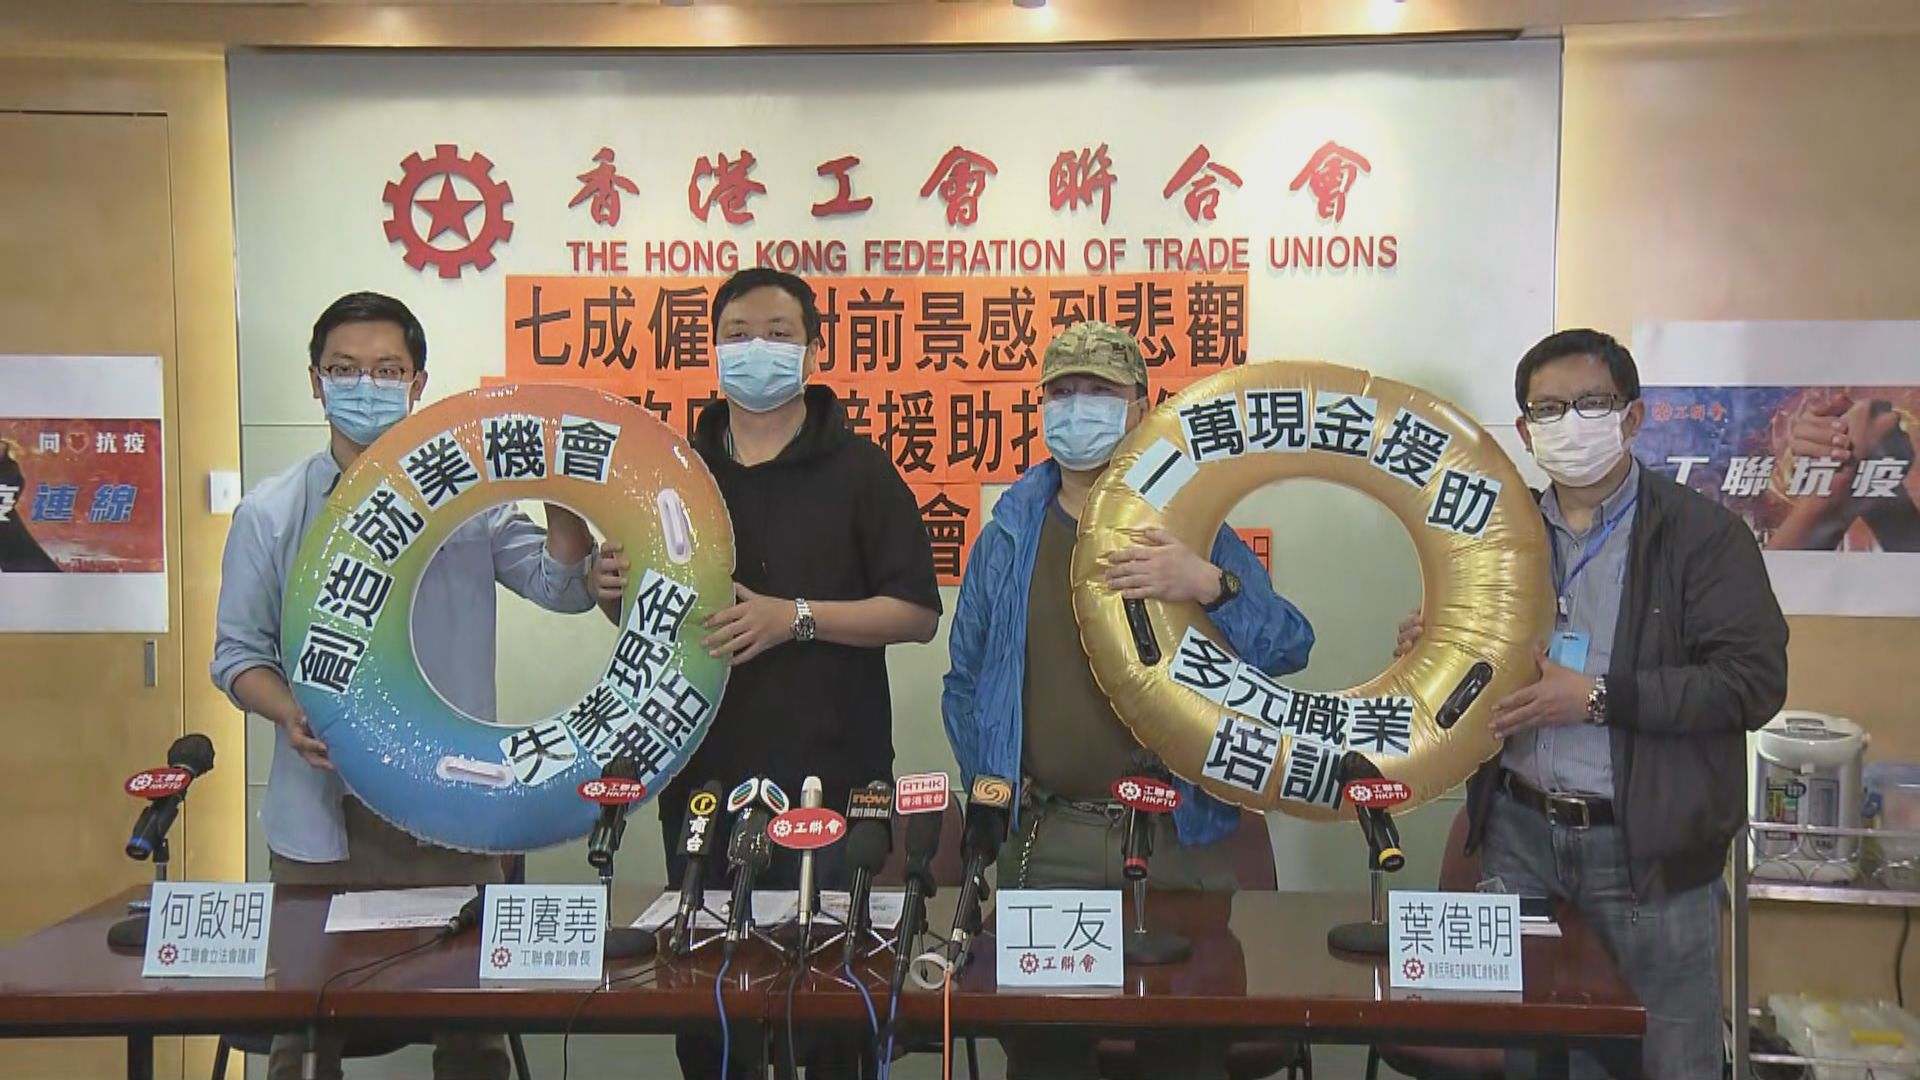 工聯會指兩成受訪僱員已失業 促設失業援助金